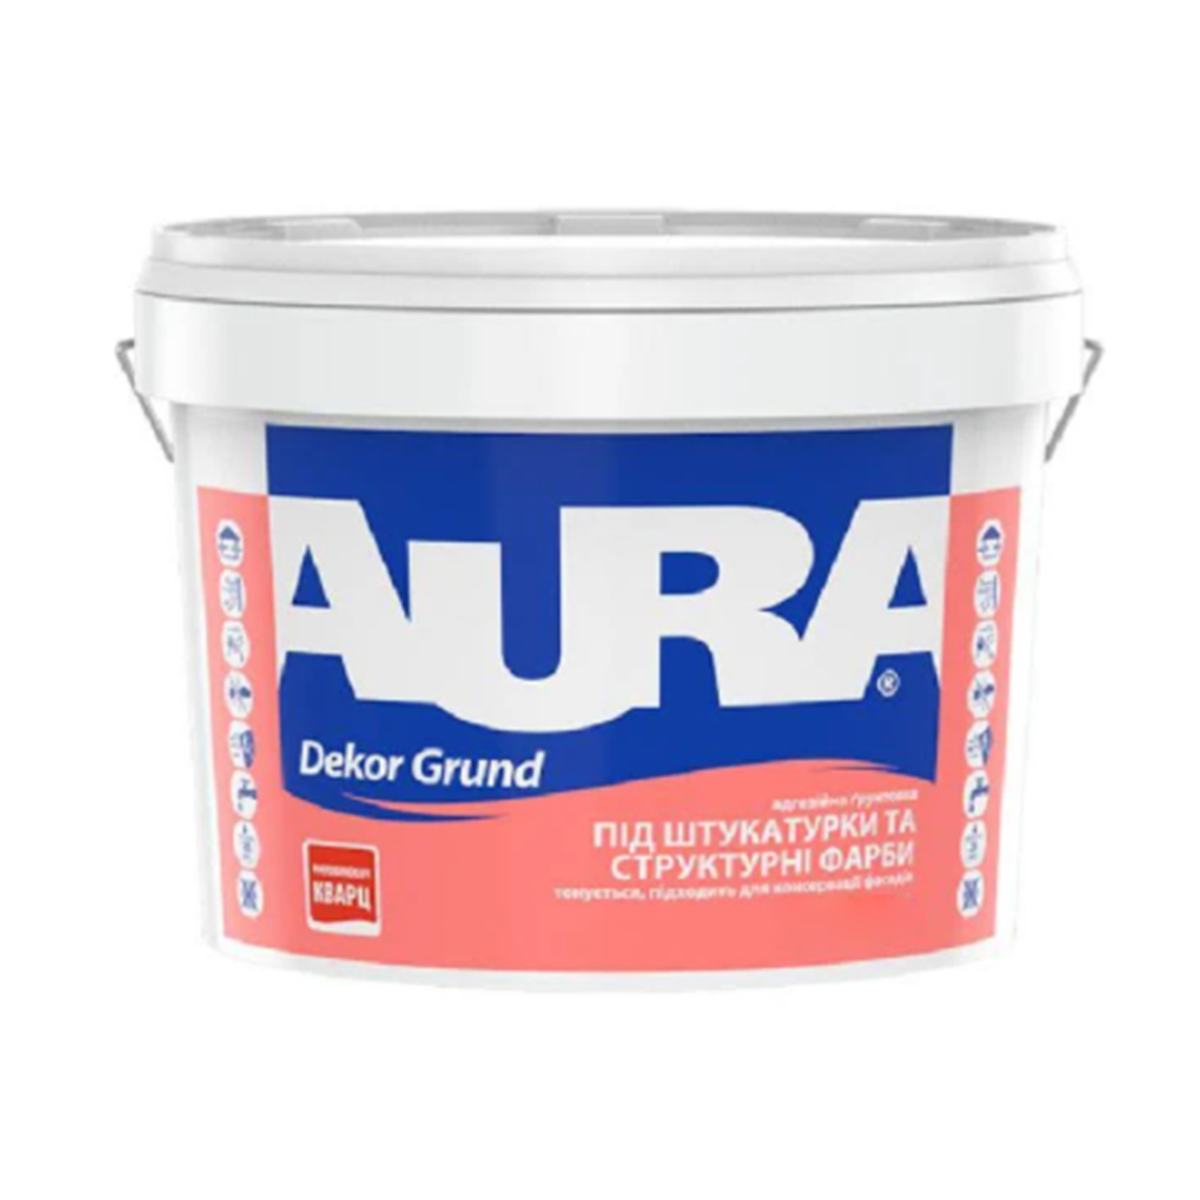 Кварцовий грунт Aura Dekor Grund для внутрішніх і зовнішніх робіт 2,5 л